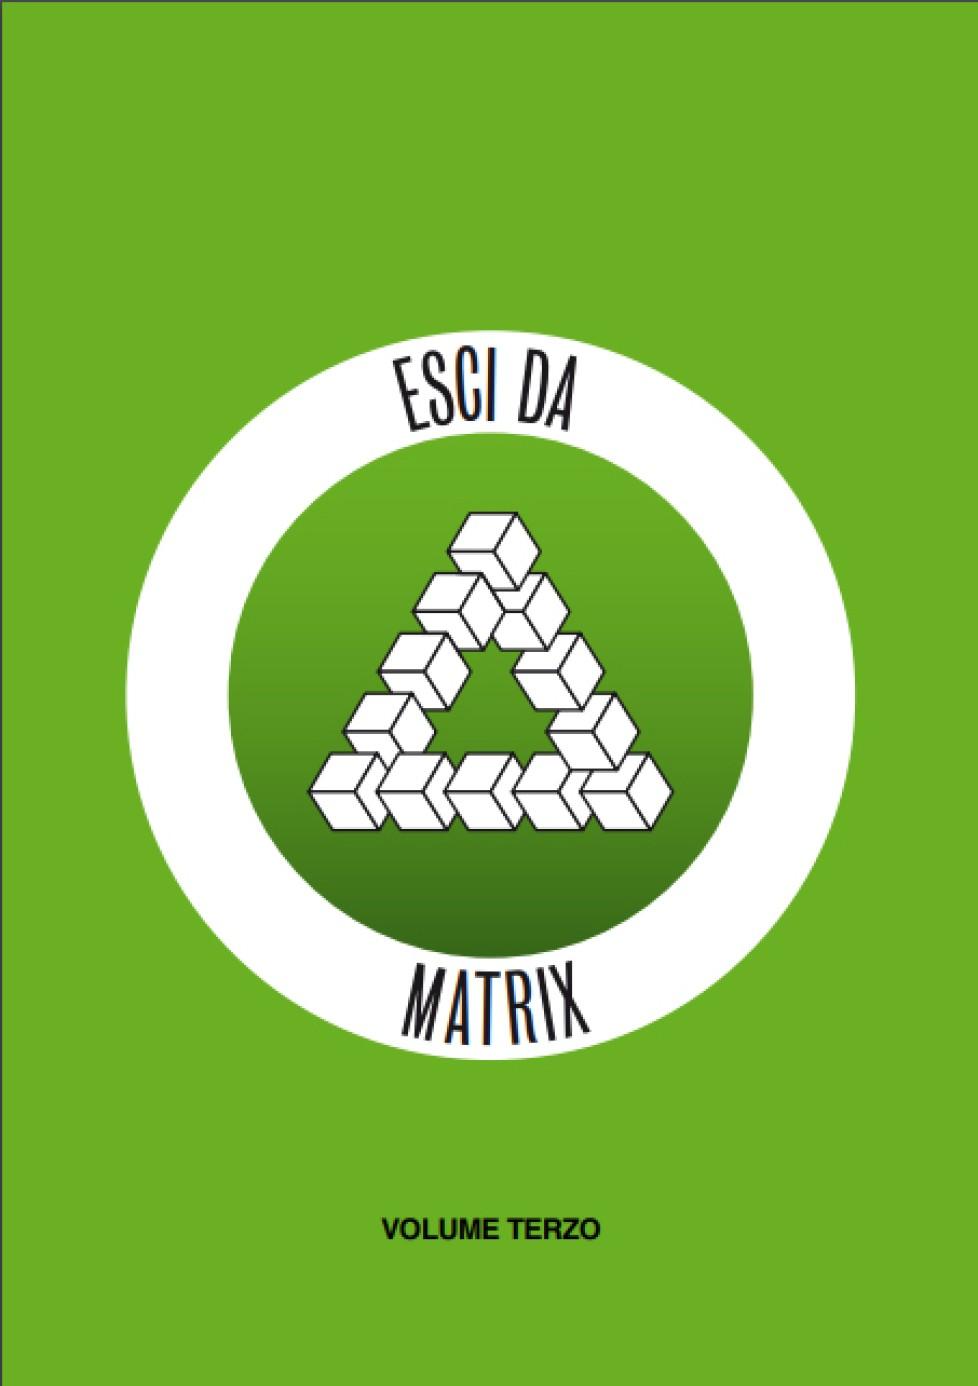 ESCI DA MATRIX III